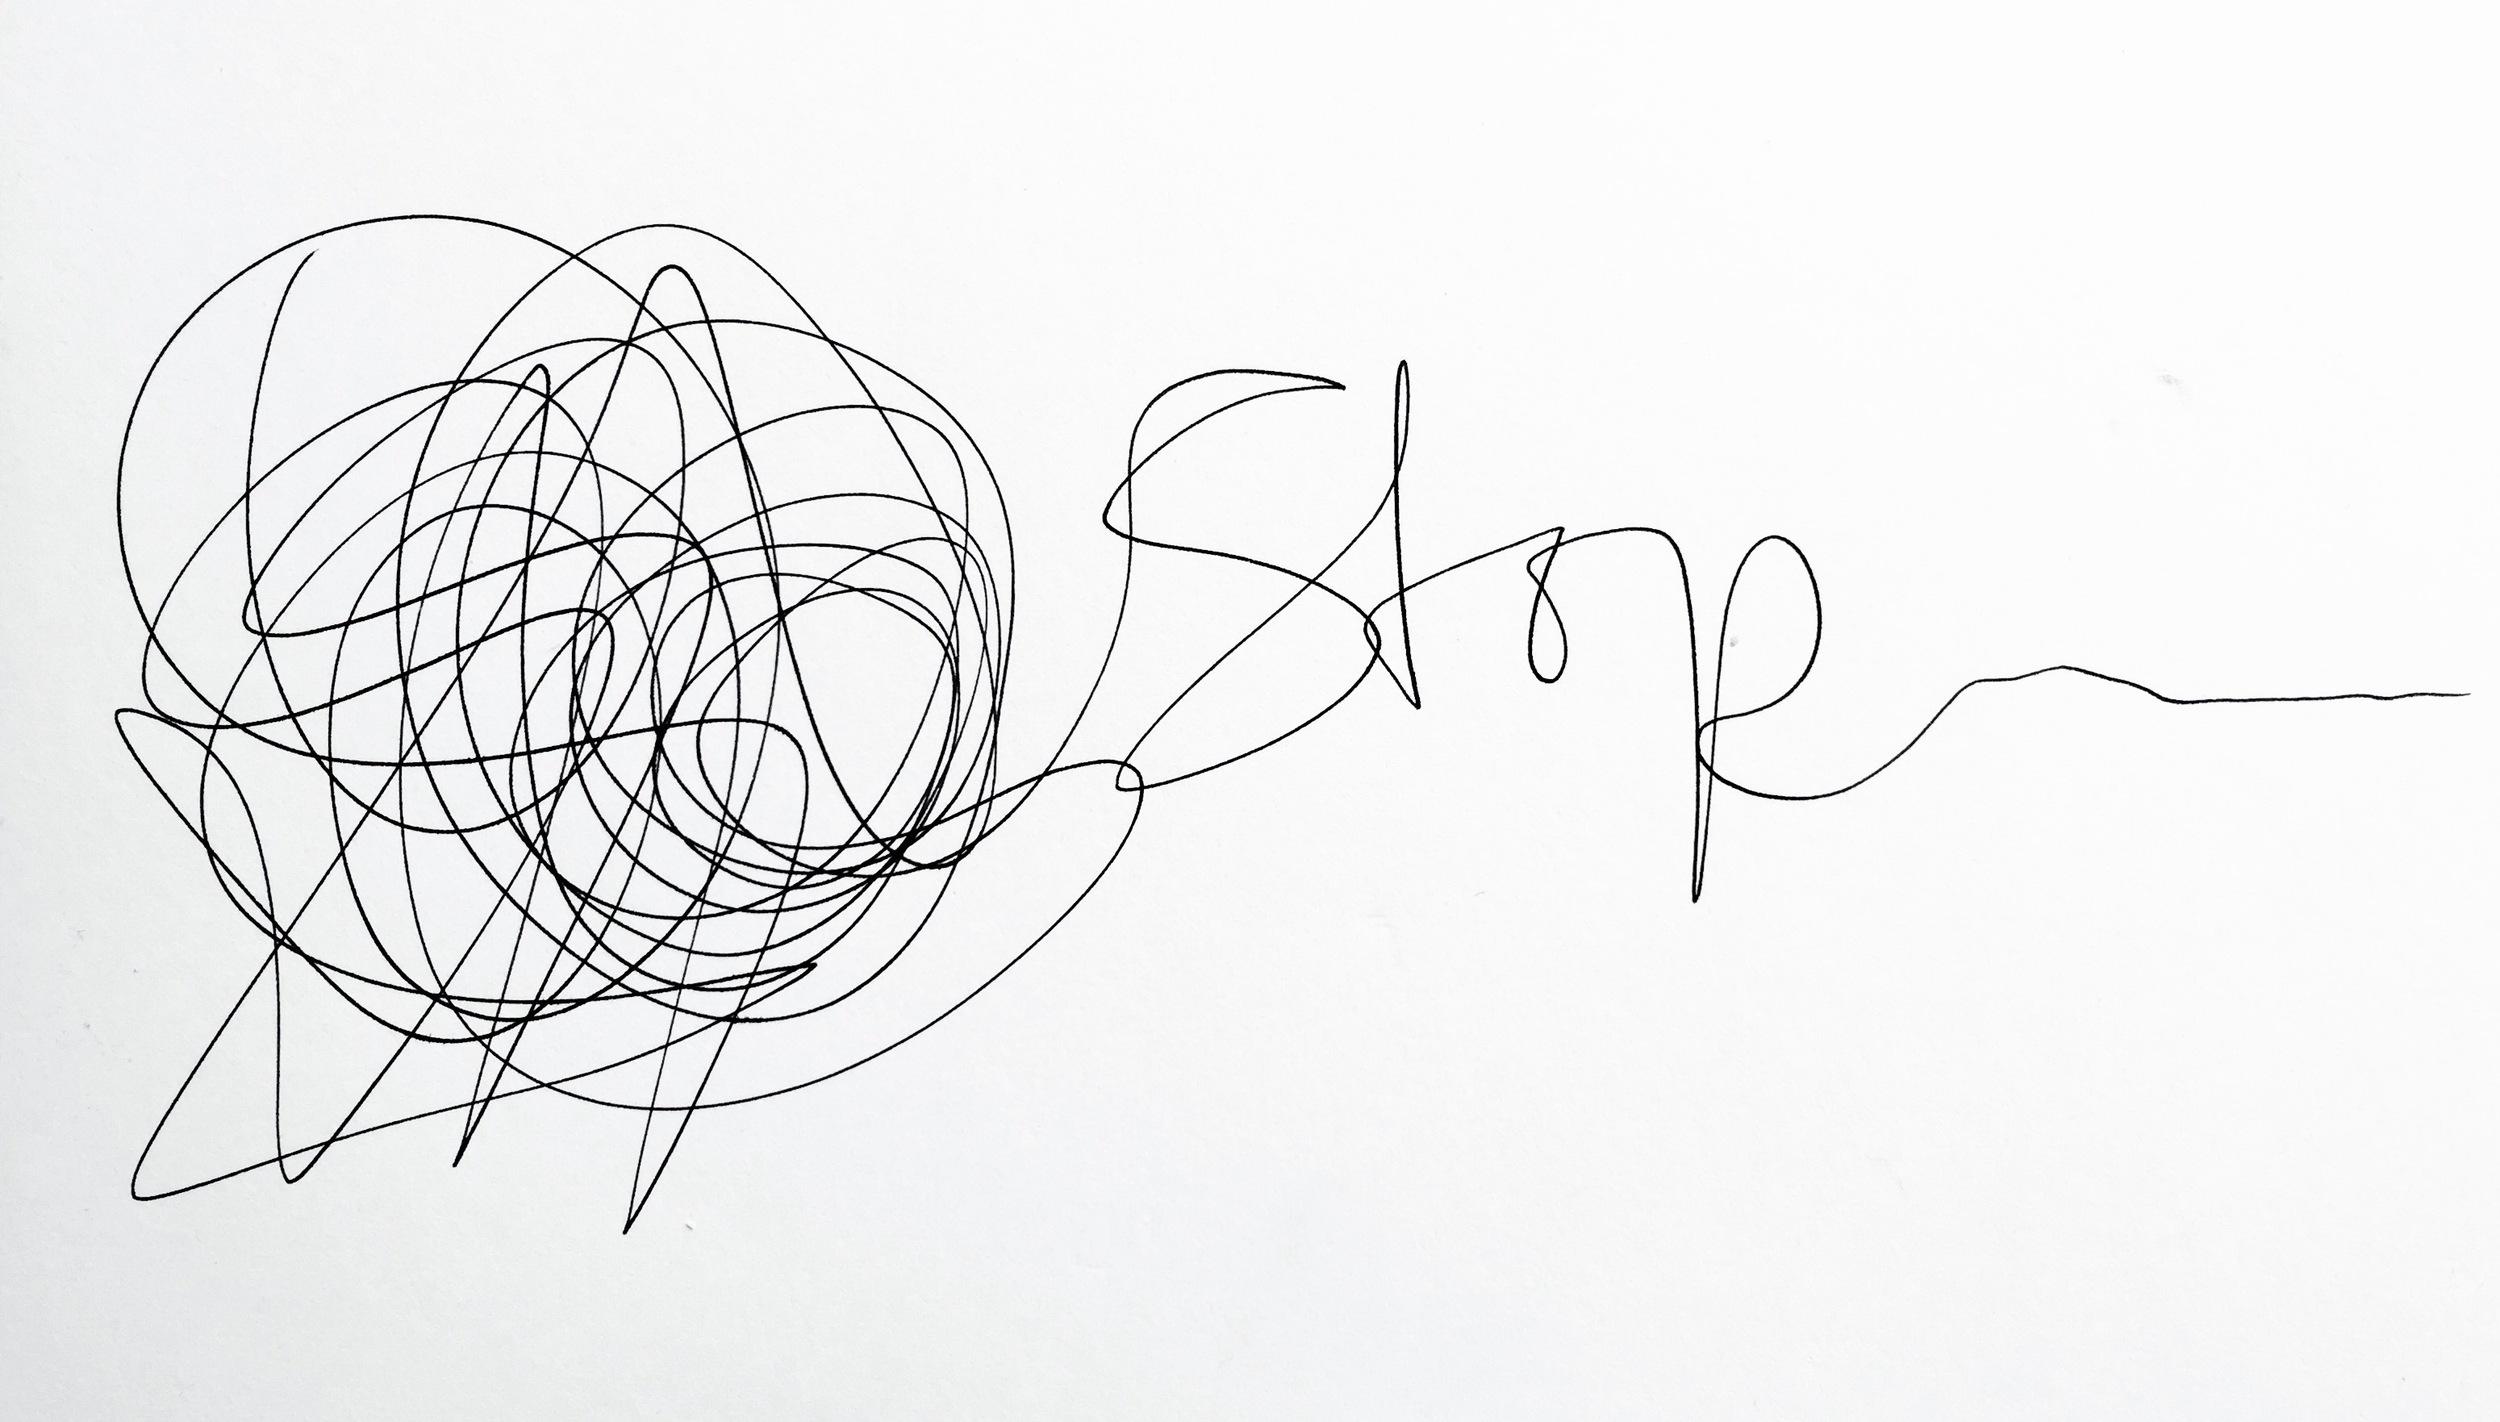 How to Stop by Shamash Alidina